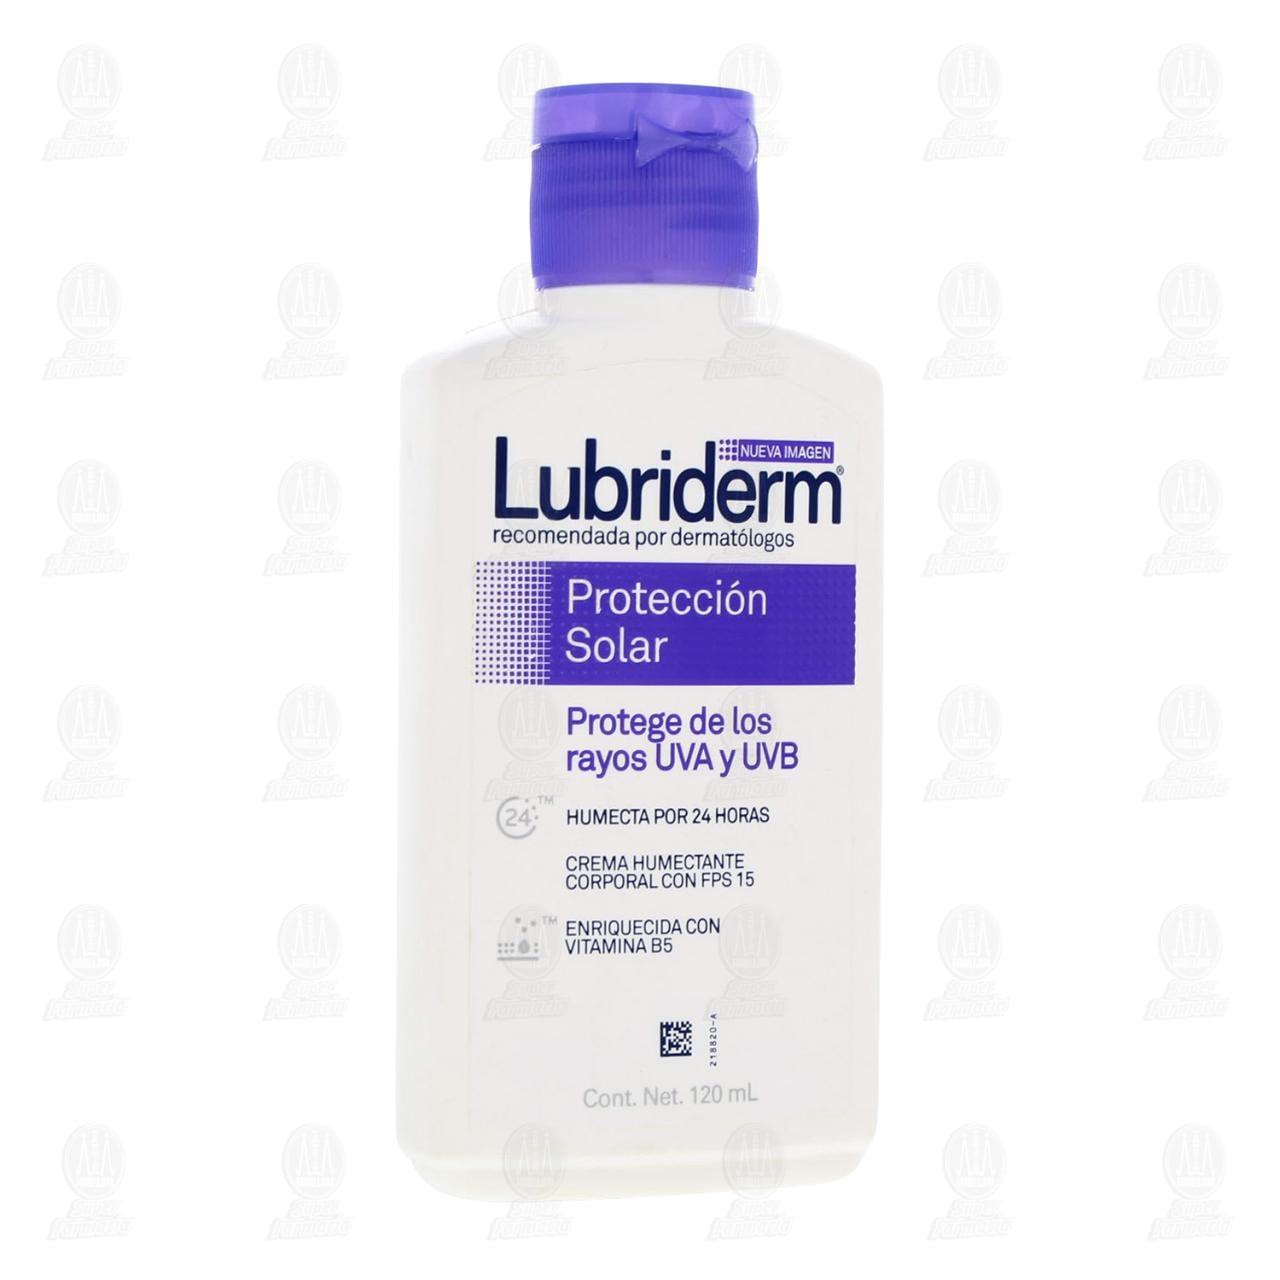 Comprar Crema Corporal Lubriderm Protección Solar FPS 15, 120 ml. en Farmacias Guadalajara